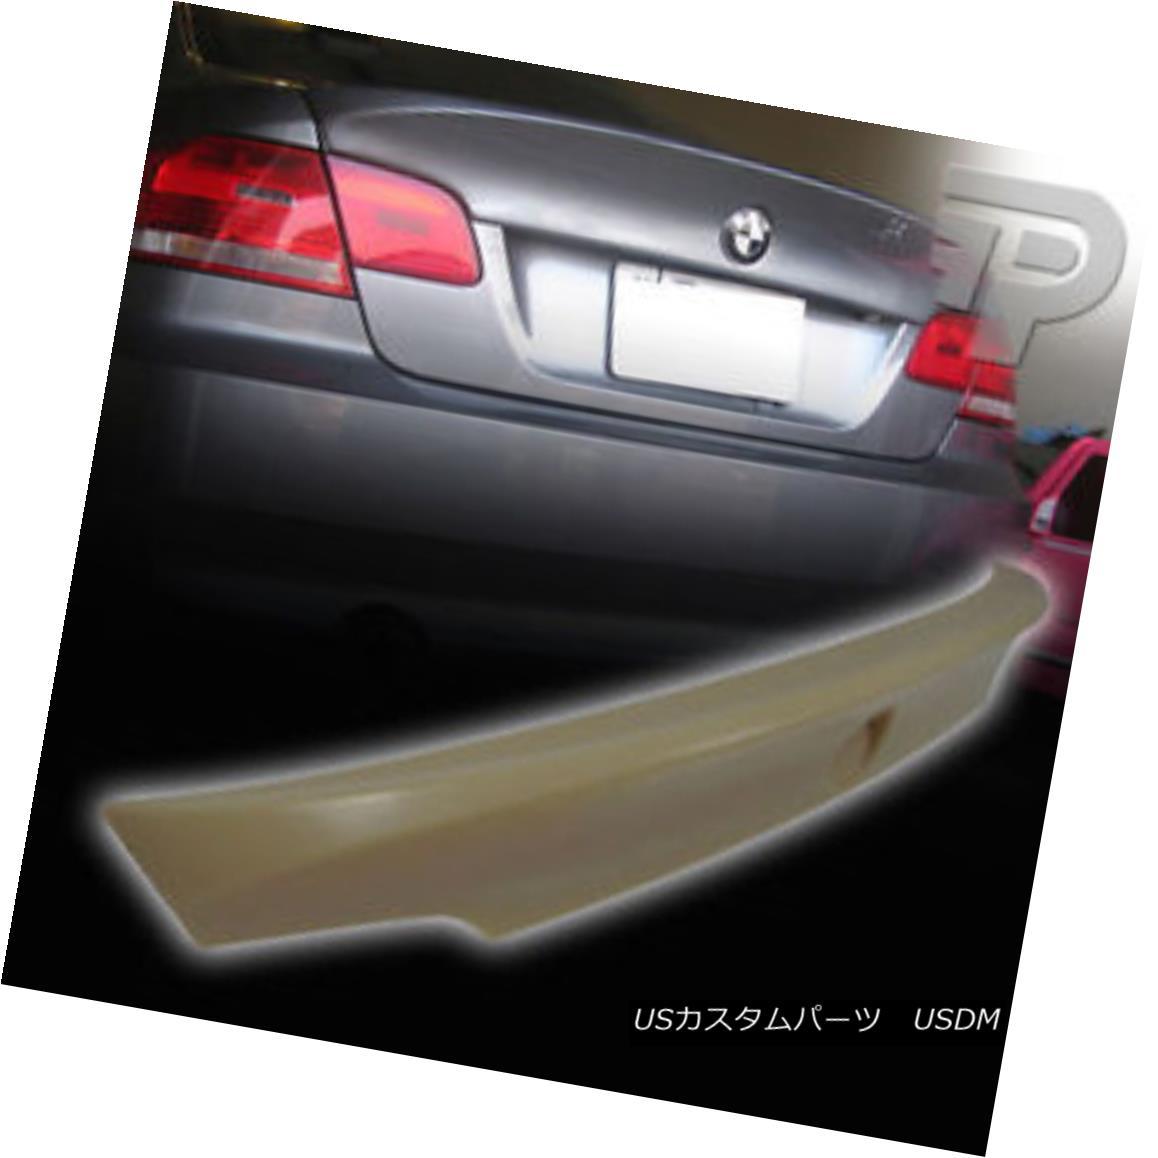 エアロパーツ BMW 3-SERIES E92 2D COUPE CSL STYLE REAR BOOT TRUNK SPOILER WING BMW 3シリーズE92 2DカップリングCSLスタイル後部トランクスポイラーウイング